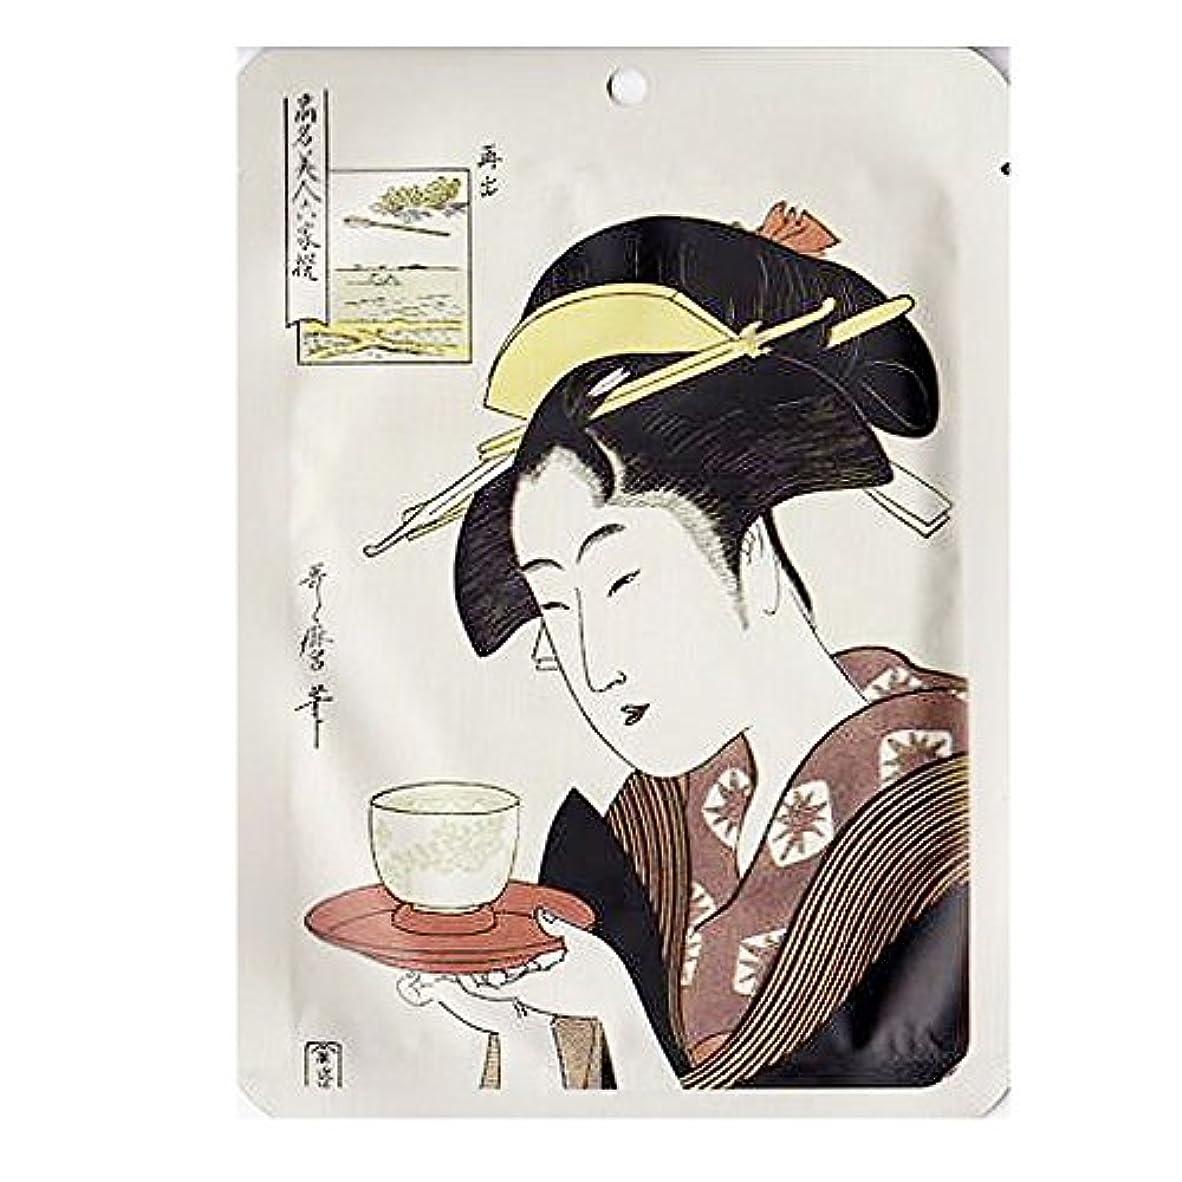 浮世絵シリーズ 歌麿ライン 難波屋おきた コエンザイムQ10+江戸紫エッセンスマスク 25g